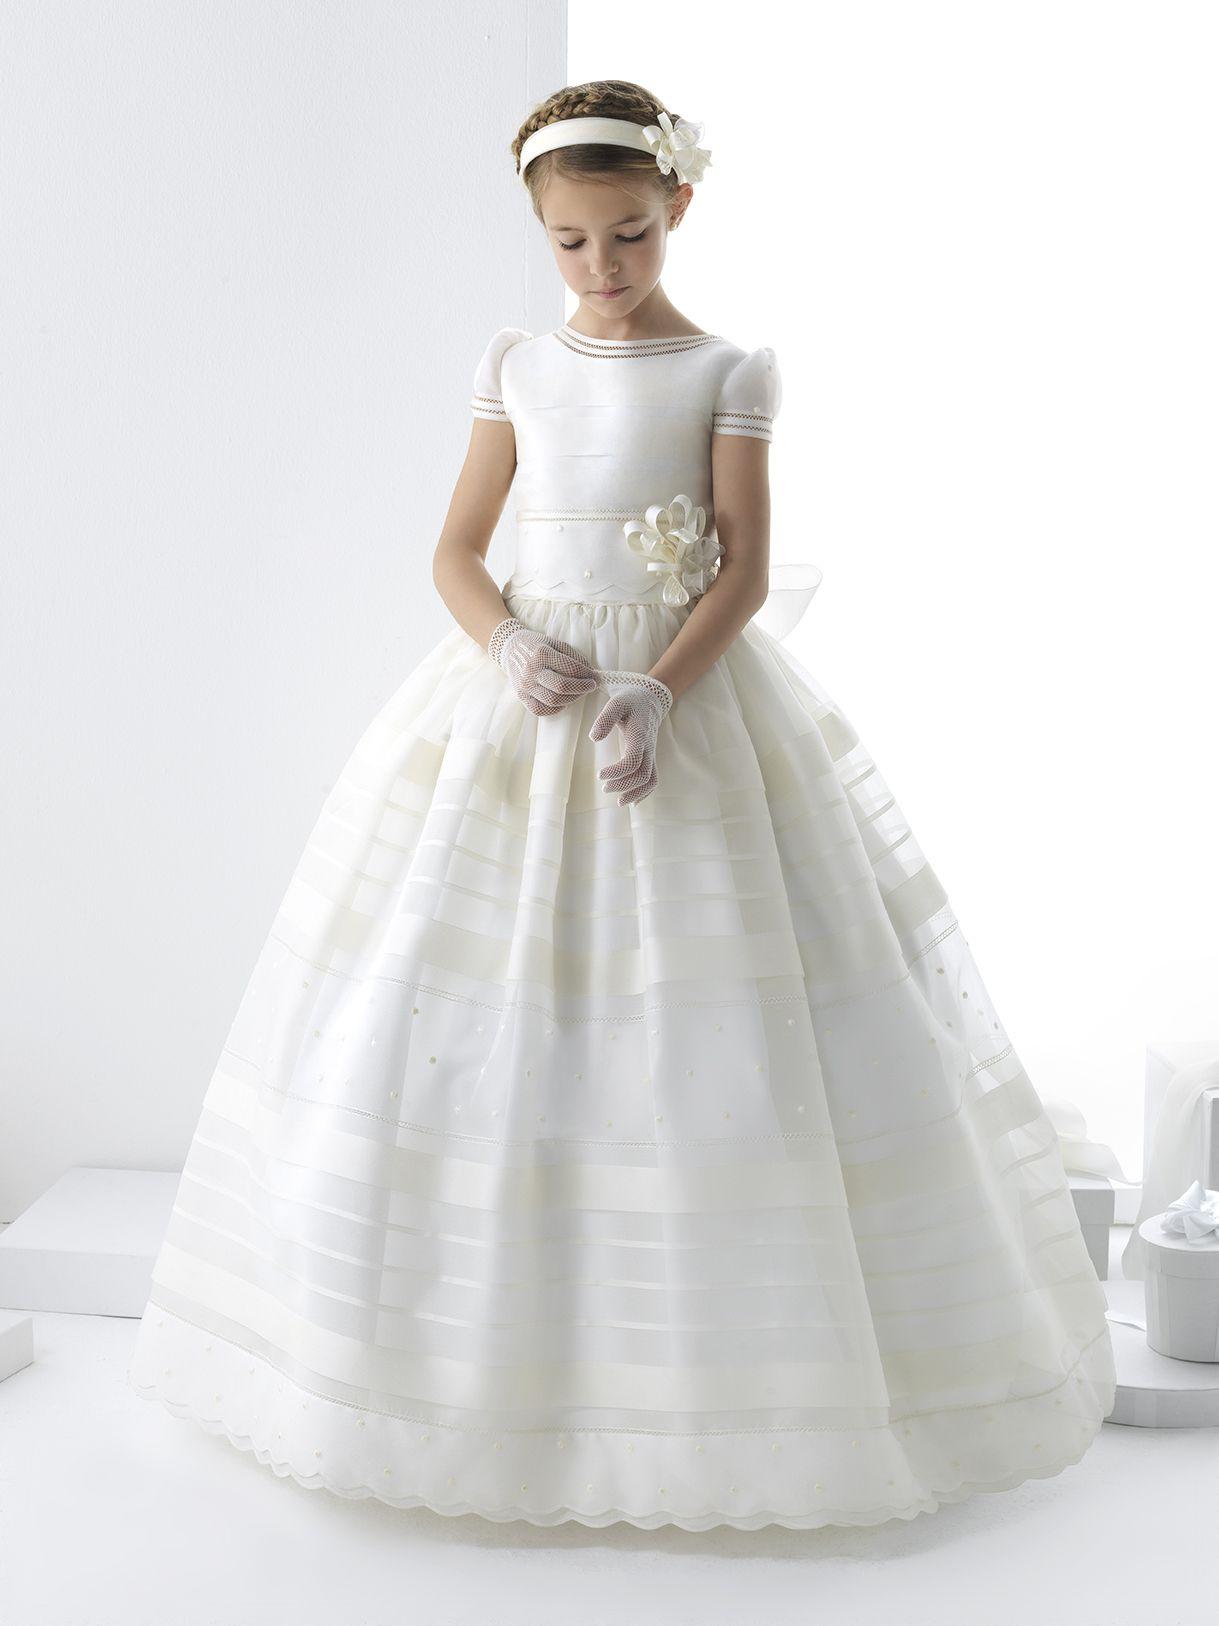 ef17d526e1bbd Nectarean Ball Gown Short Sleeve Bow(S) Floor-Length Communion ...